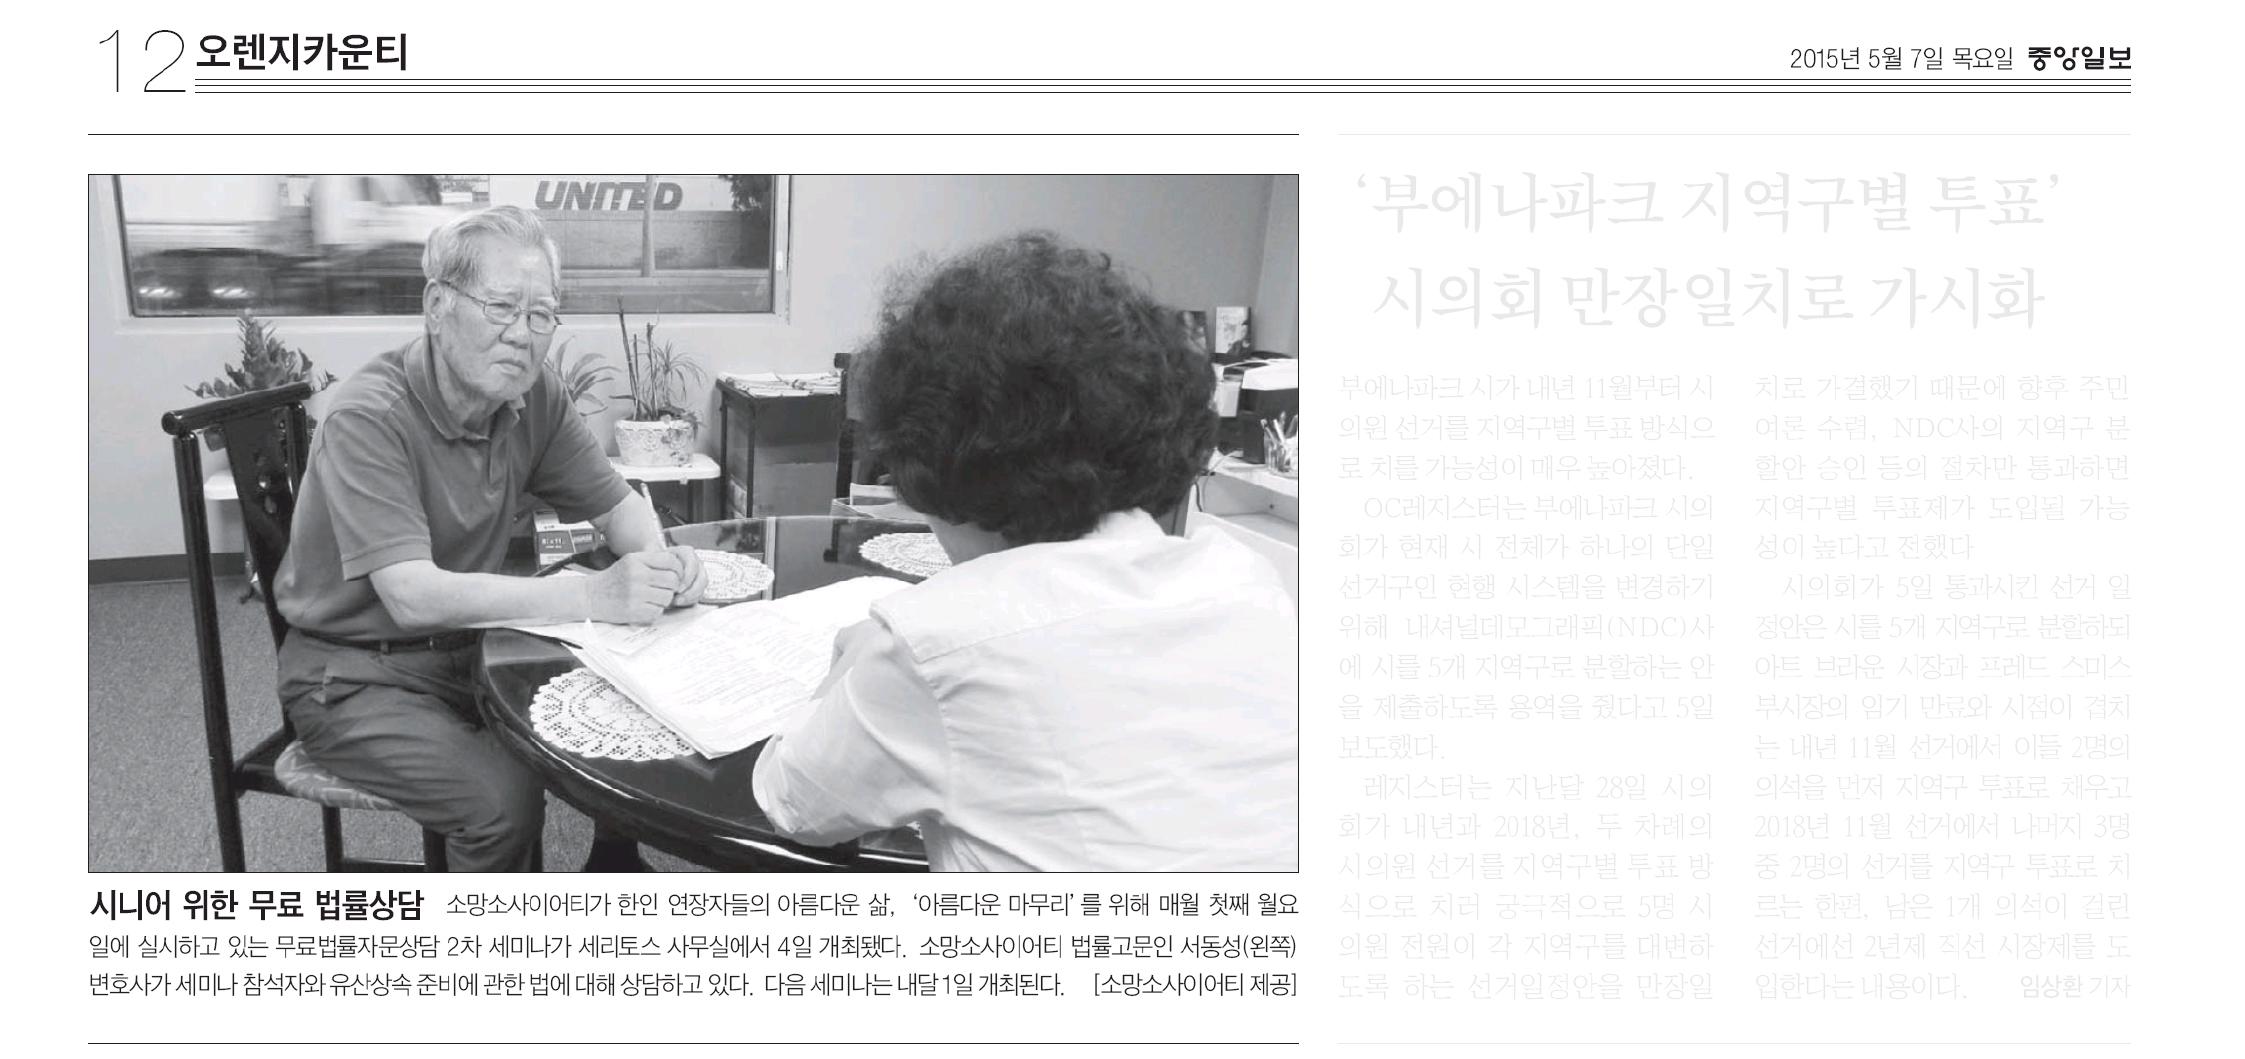 """""""시니어 위한 무료 법률상담"""" 2015년 5월 7일 중앙일보"""